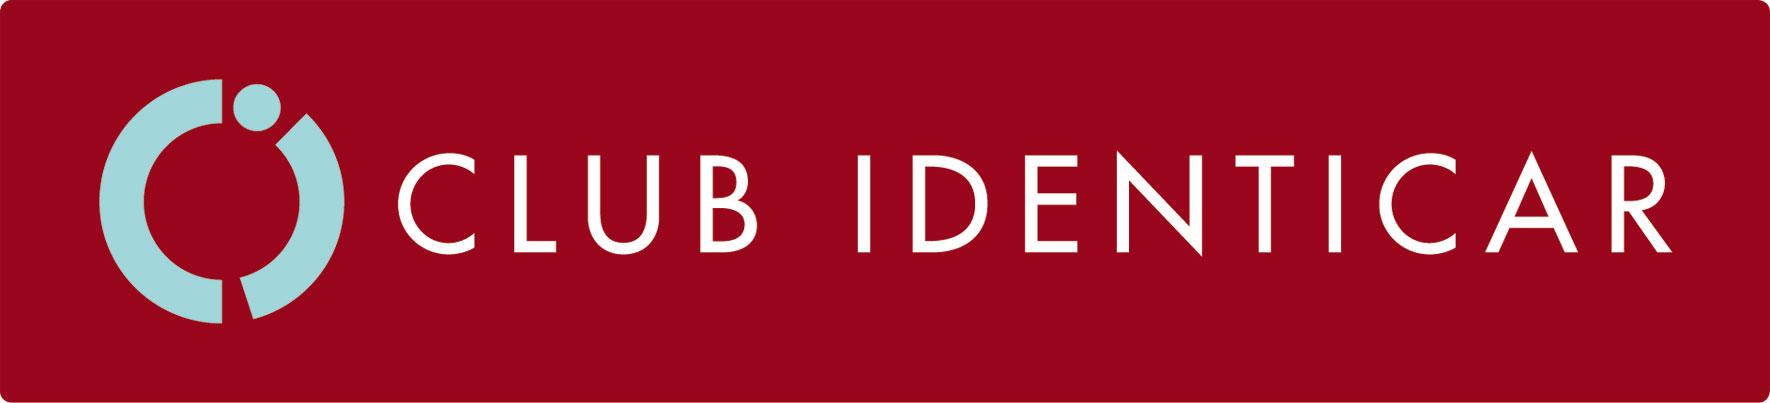 Logo Club Identicar